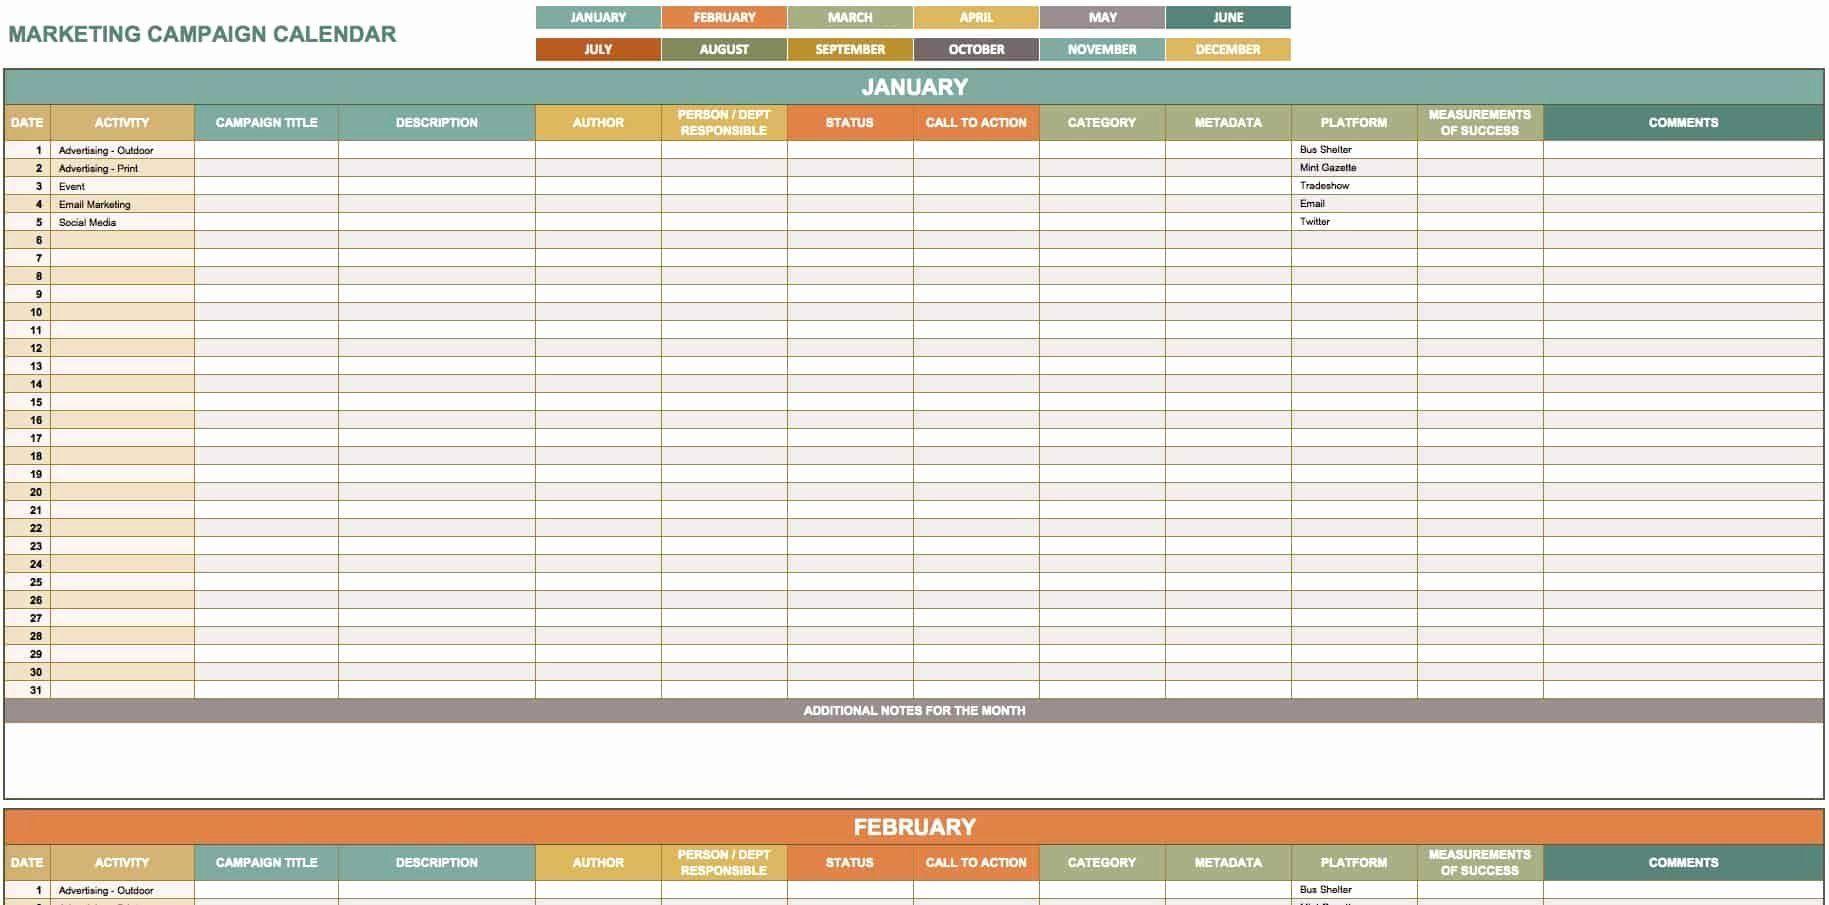 Content Marketing Calendar Template Best Of 15 Free Marketing Calendar Templates Marketing Calendar Template Content Marketing Calendar Excel Calendar Template